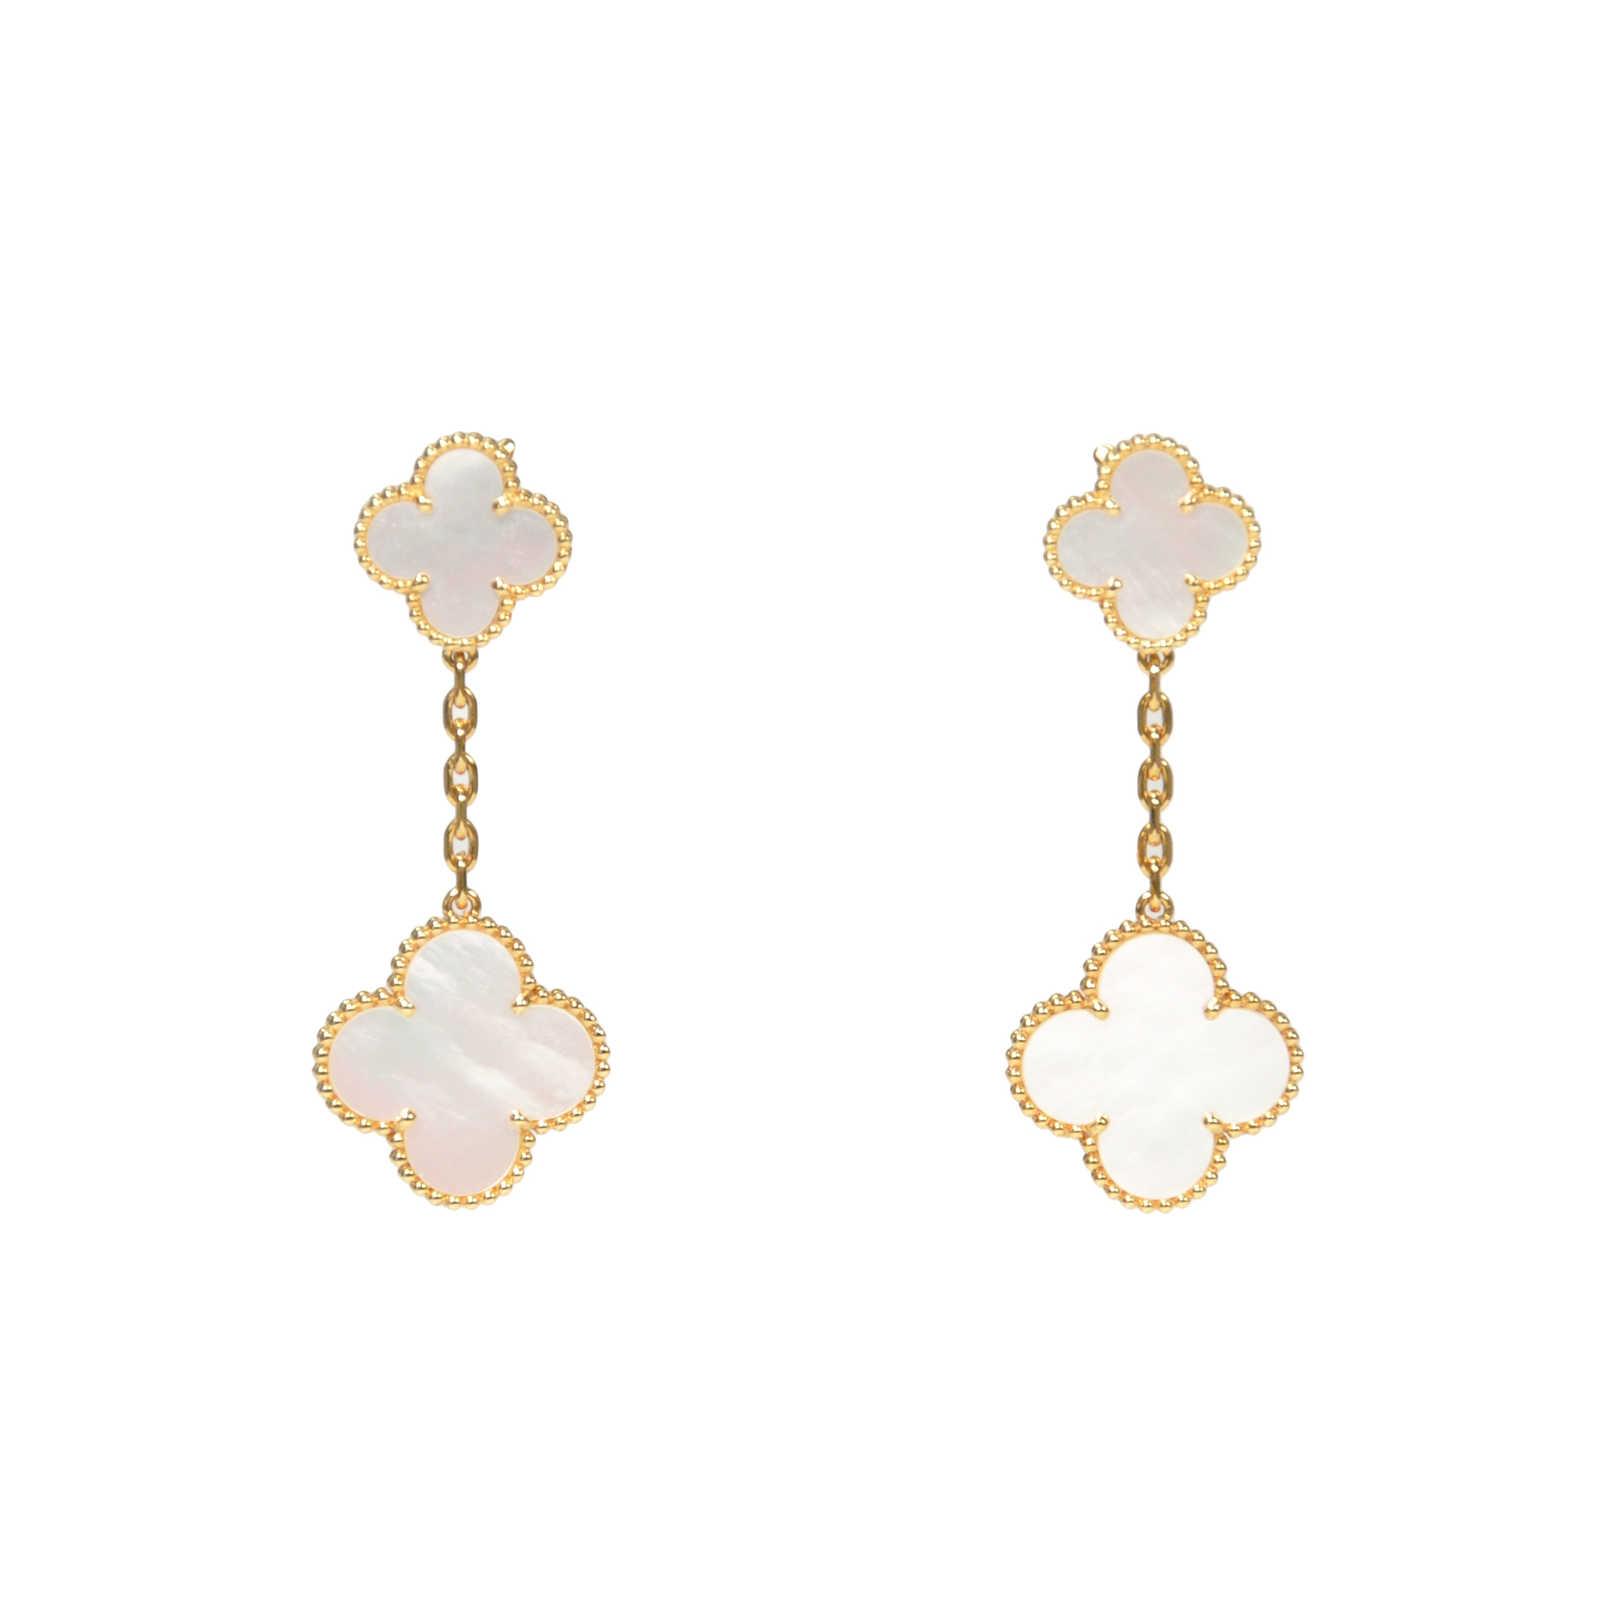 Van Cleef And Arpels Magic Alhambra Earrings Thumbnail 0